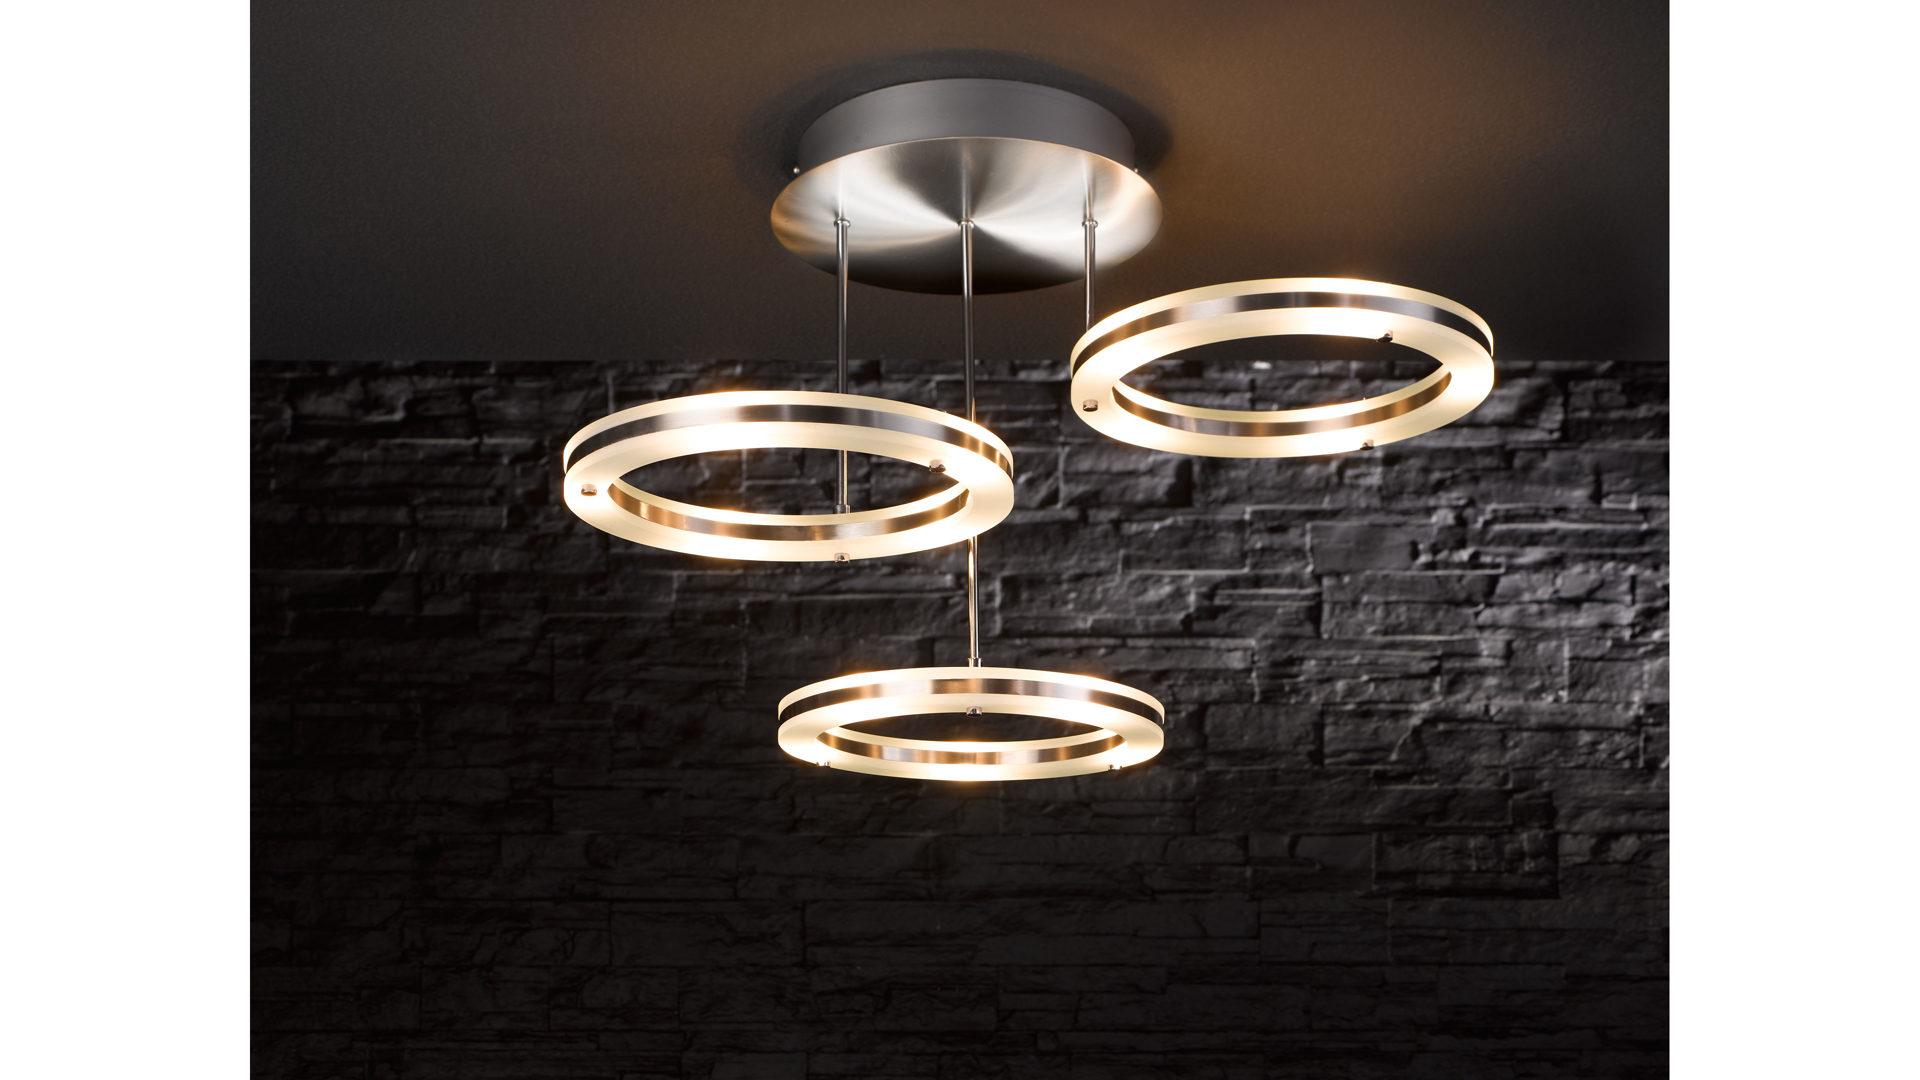 wohnzimmer lampen led | jtleigh.com - hausgestaltung ideen - Moderne Wohnzimmerlampen